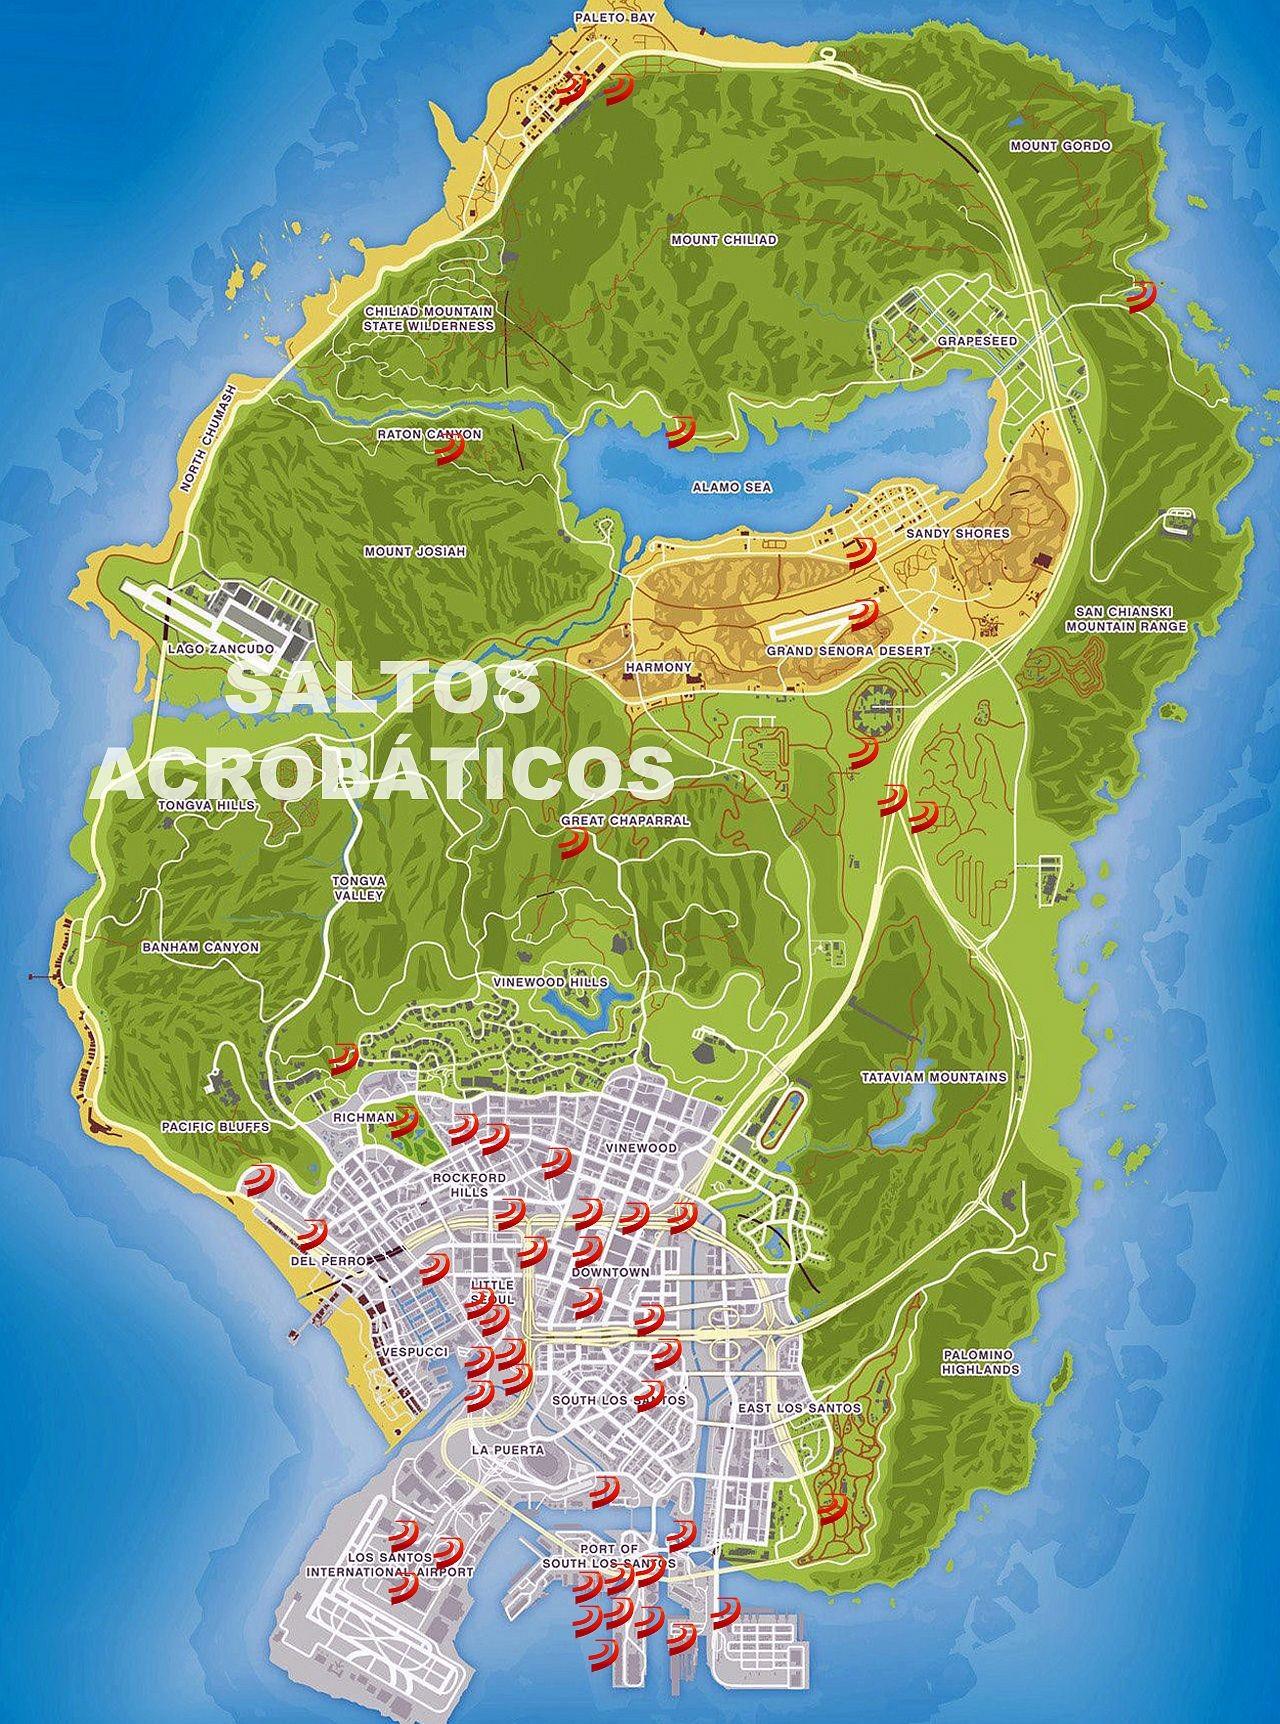 mapas saltos acrobaticos en el foro gta online de ps3